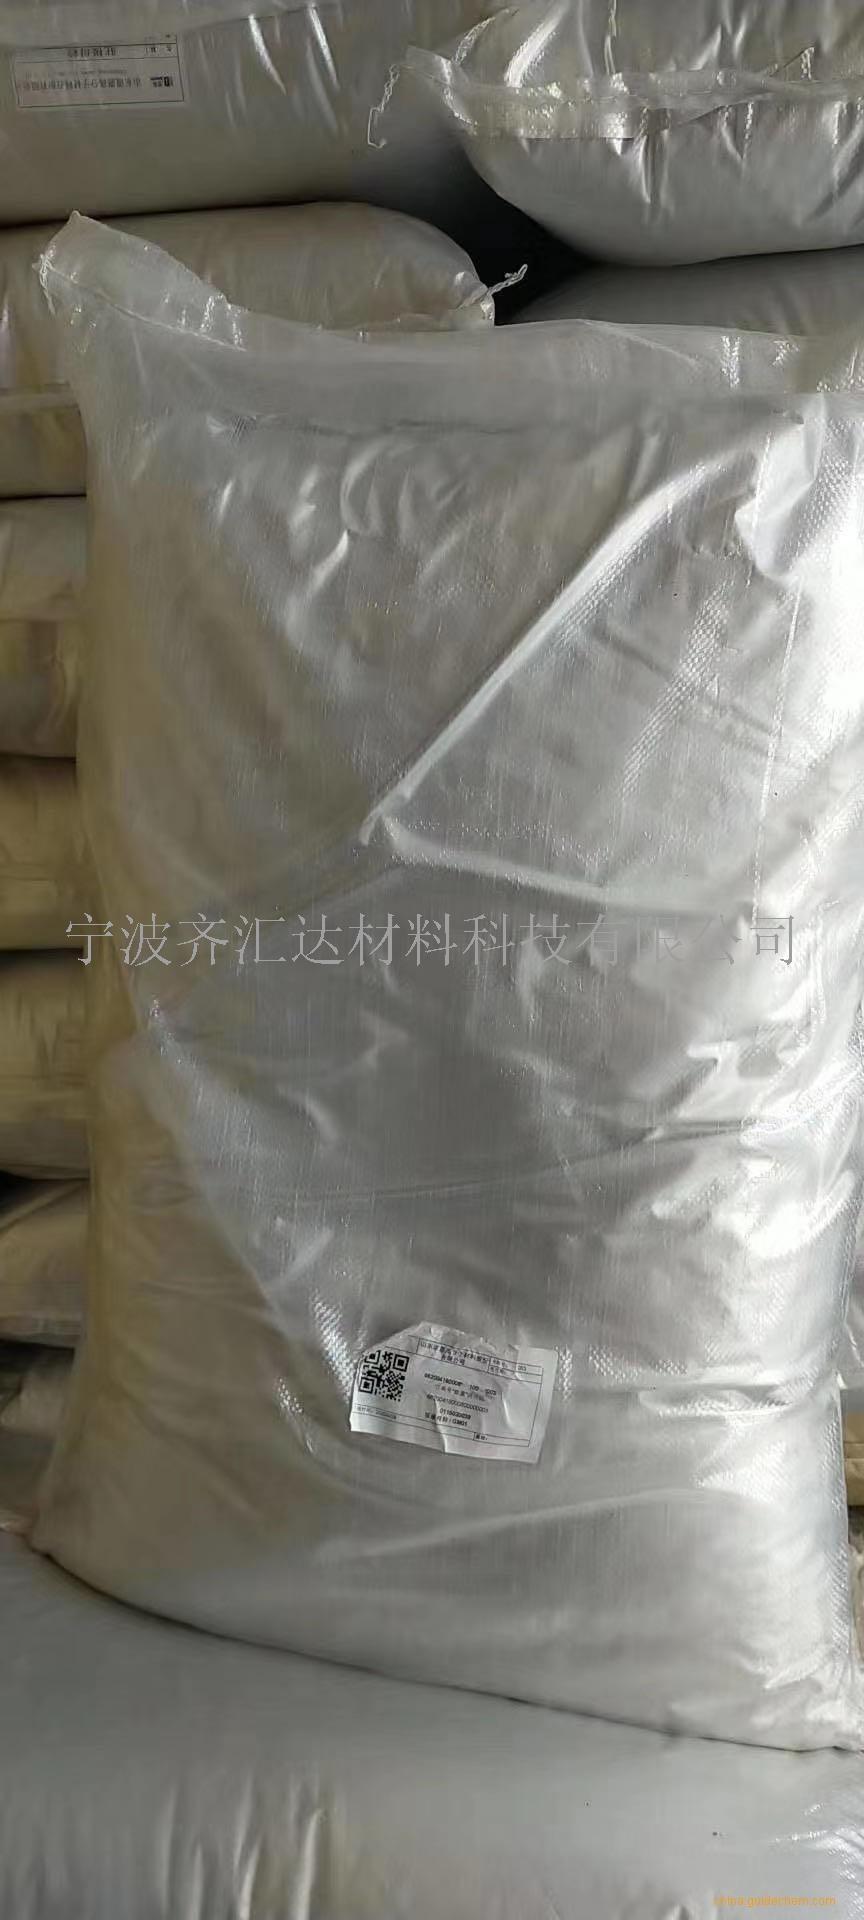 山东道恩驻极母粒 GM01 熔喷布可达95-99等级